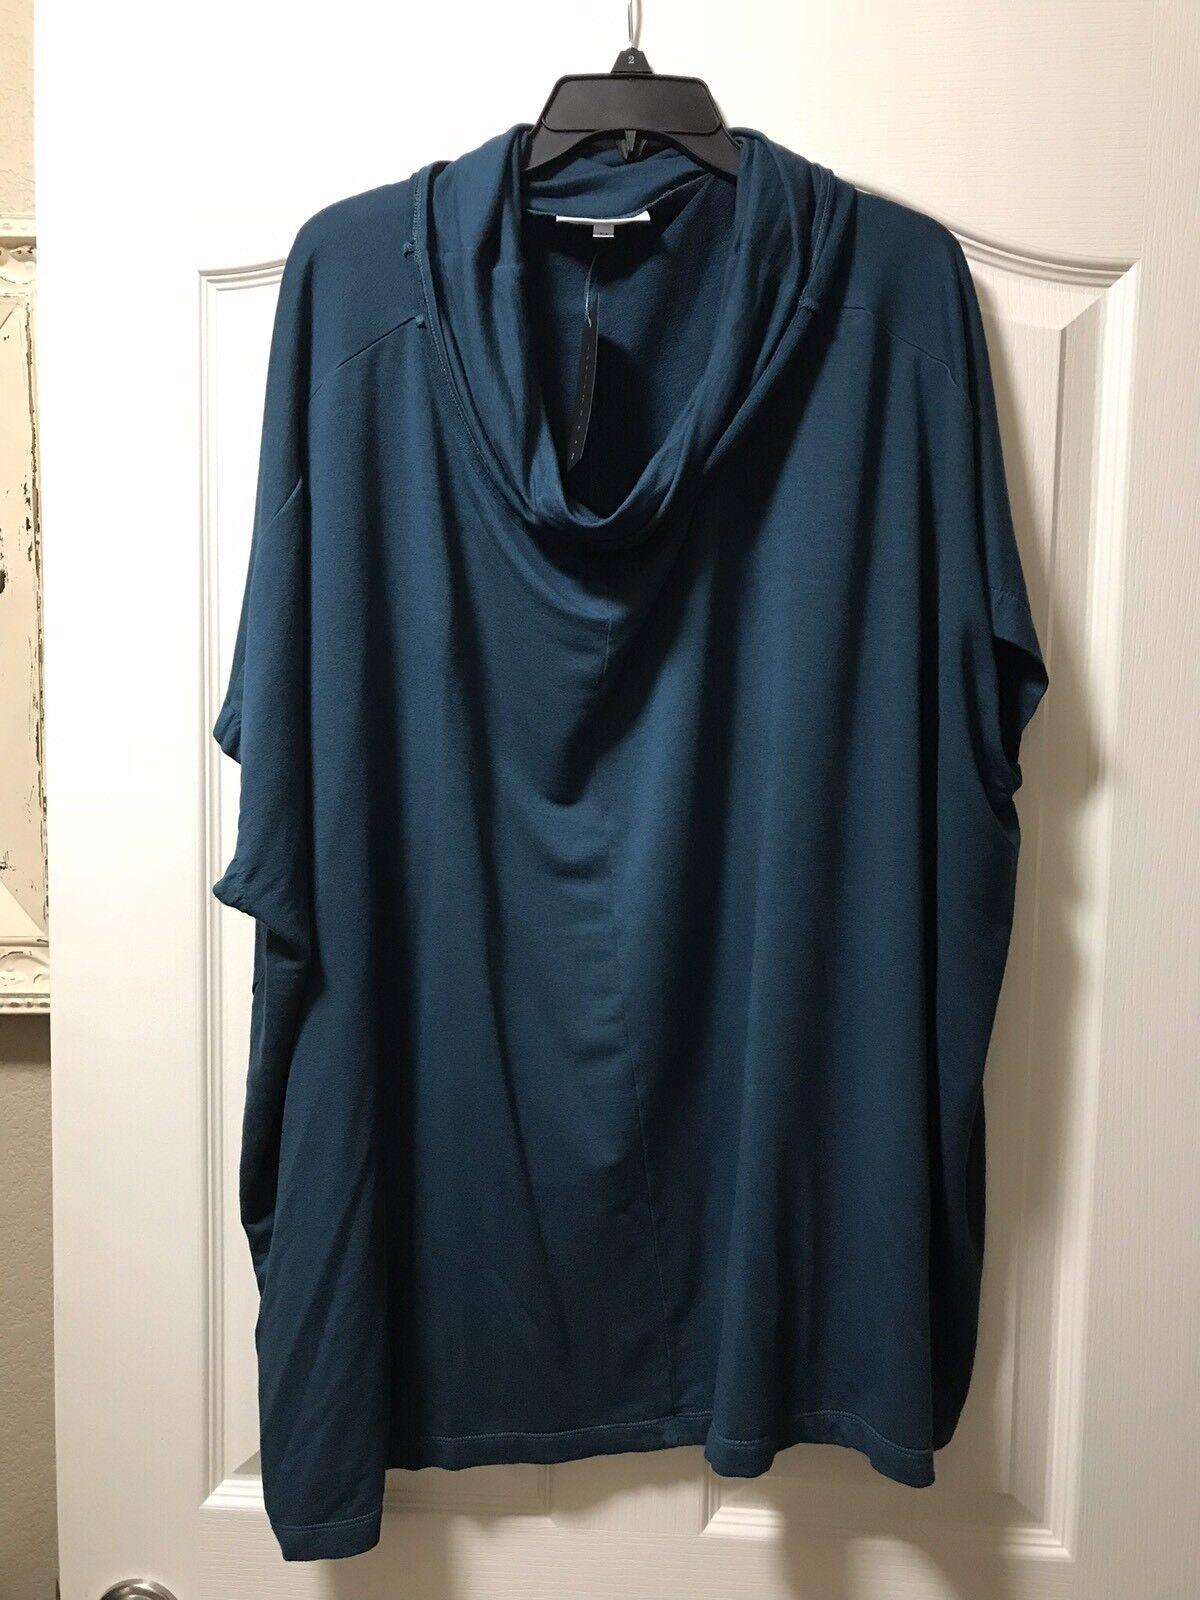 NEW Bryn Walker Cowl Poncho Tunic Größe Medium, Retail